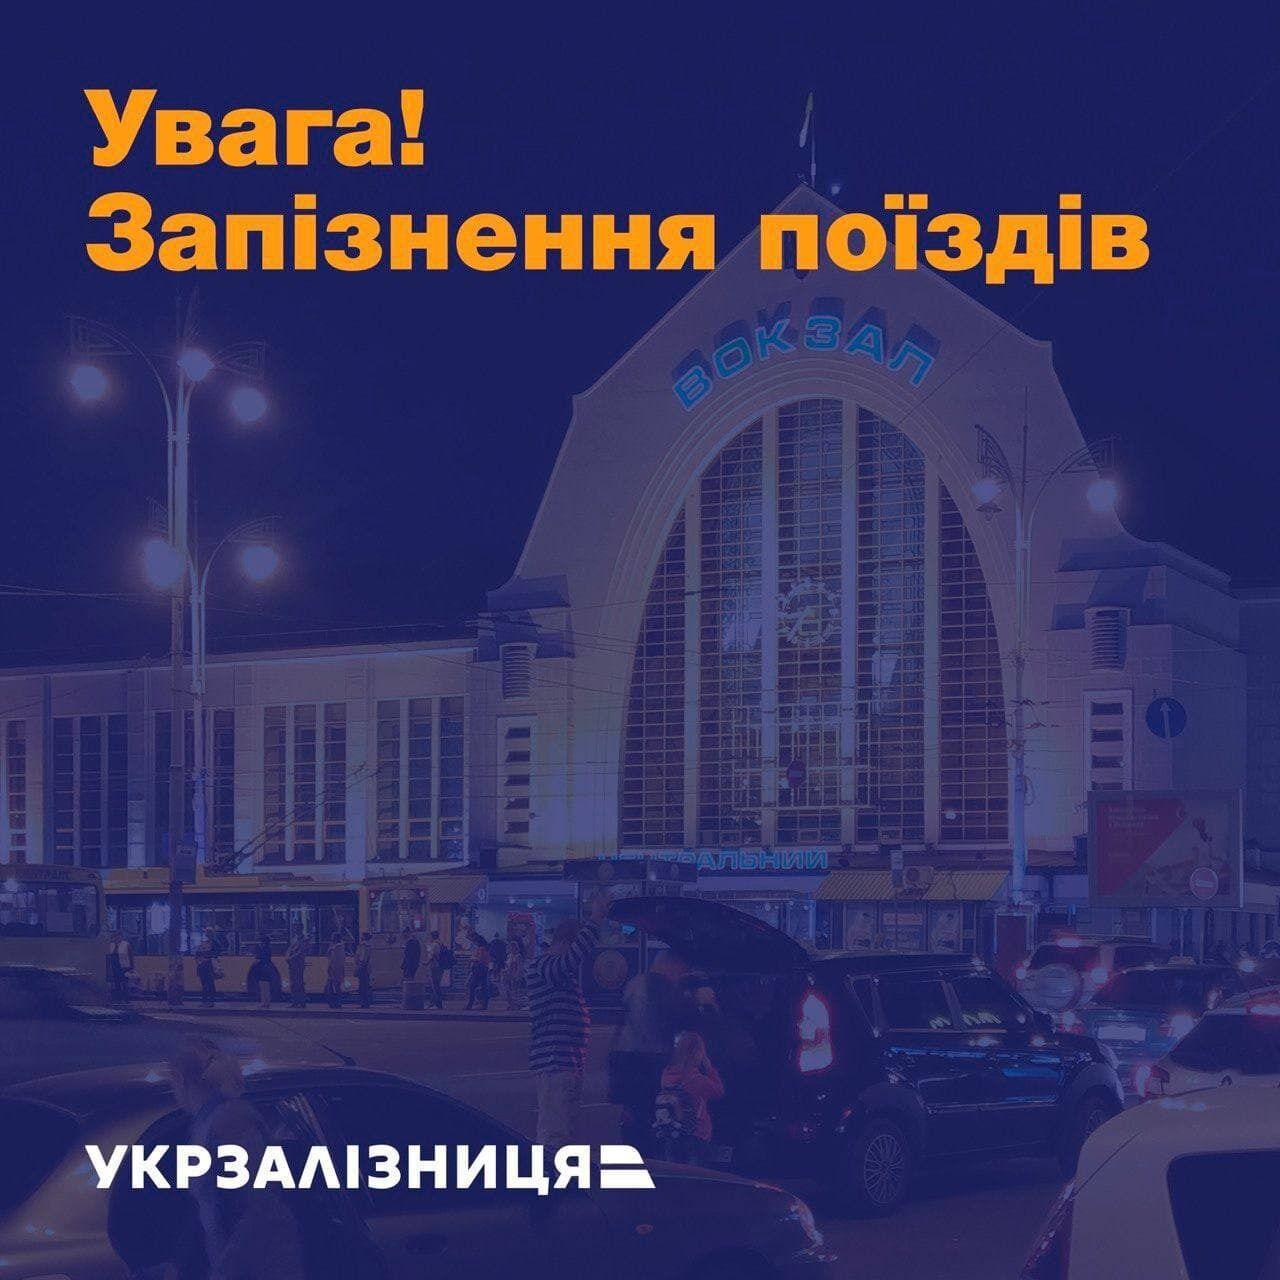 Telegram / УЗ